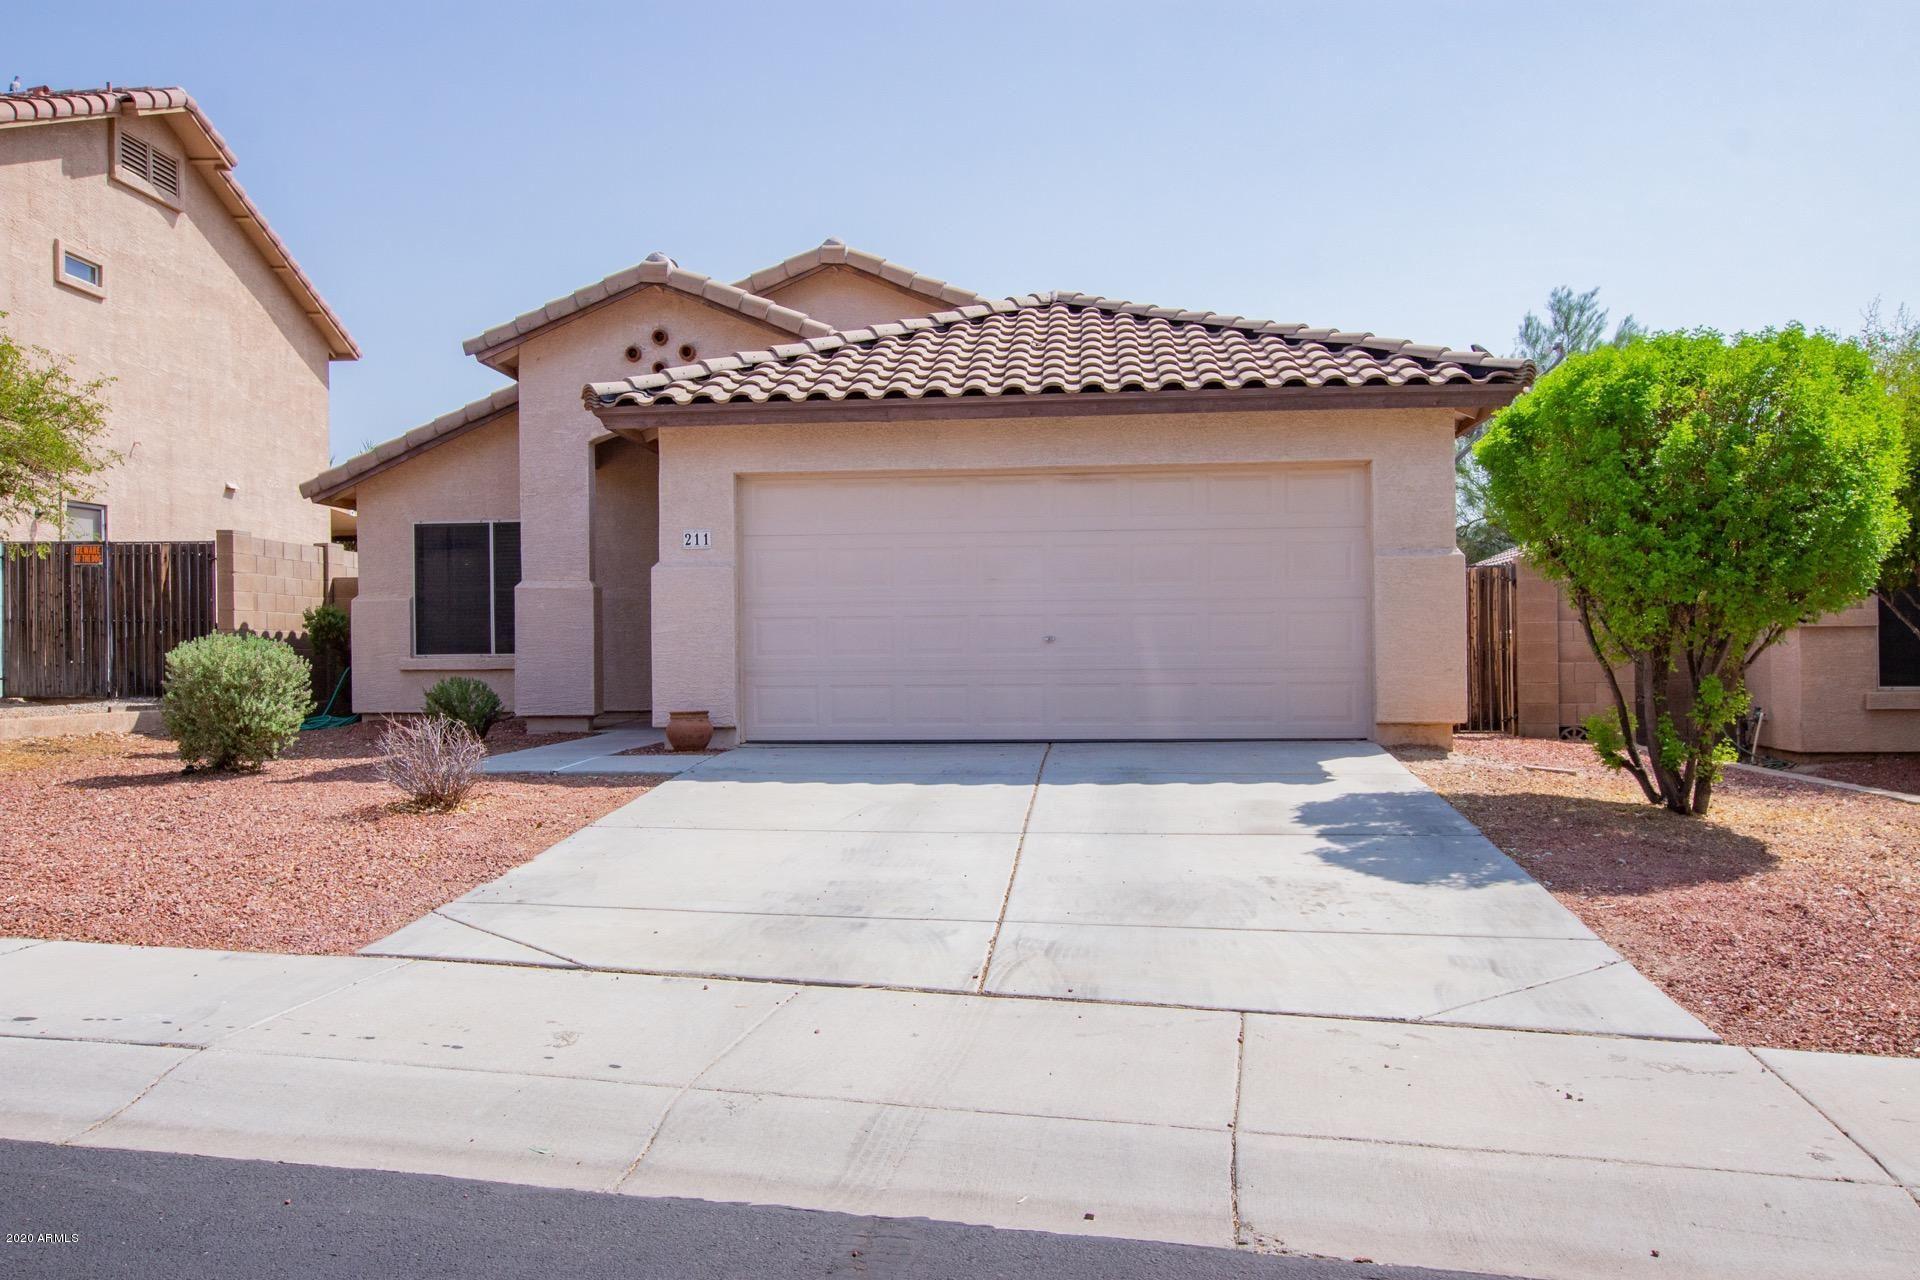 211 S 229TH Drive, Buckeye, AZ 85326 - MLS#: 6137378